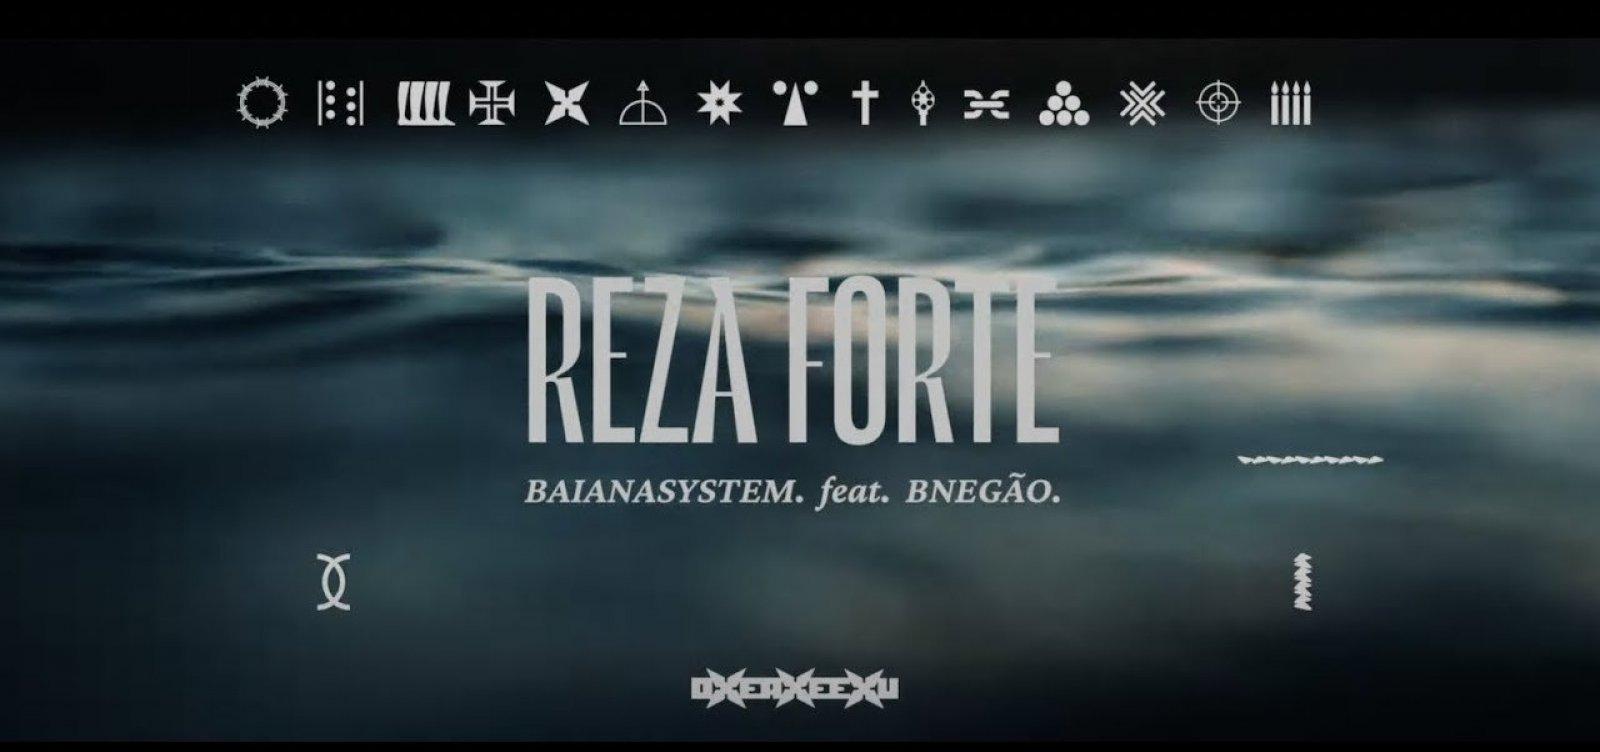 BaianaSystem lança single do próximo álbum: 'Reza Forte', com BNegão